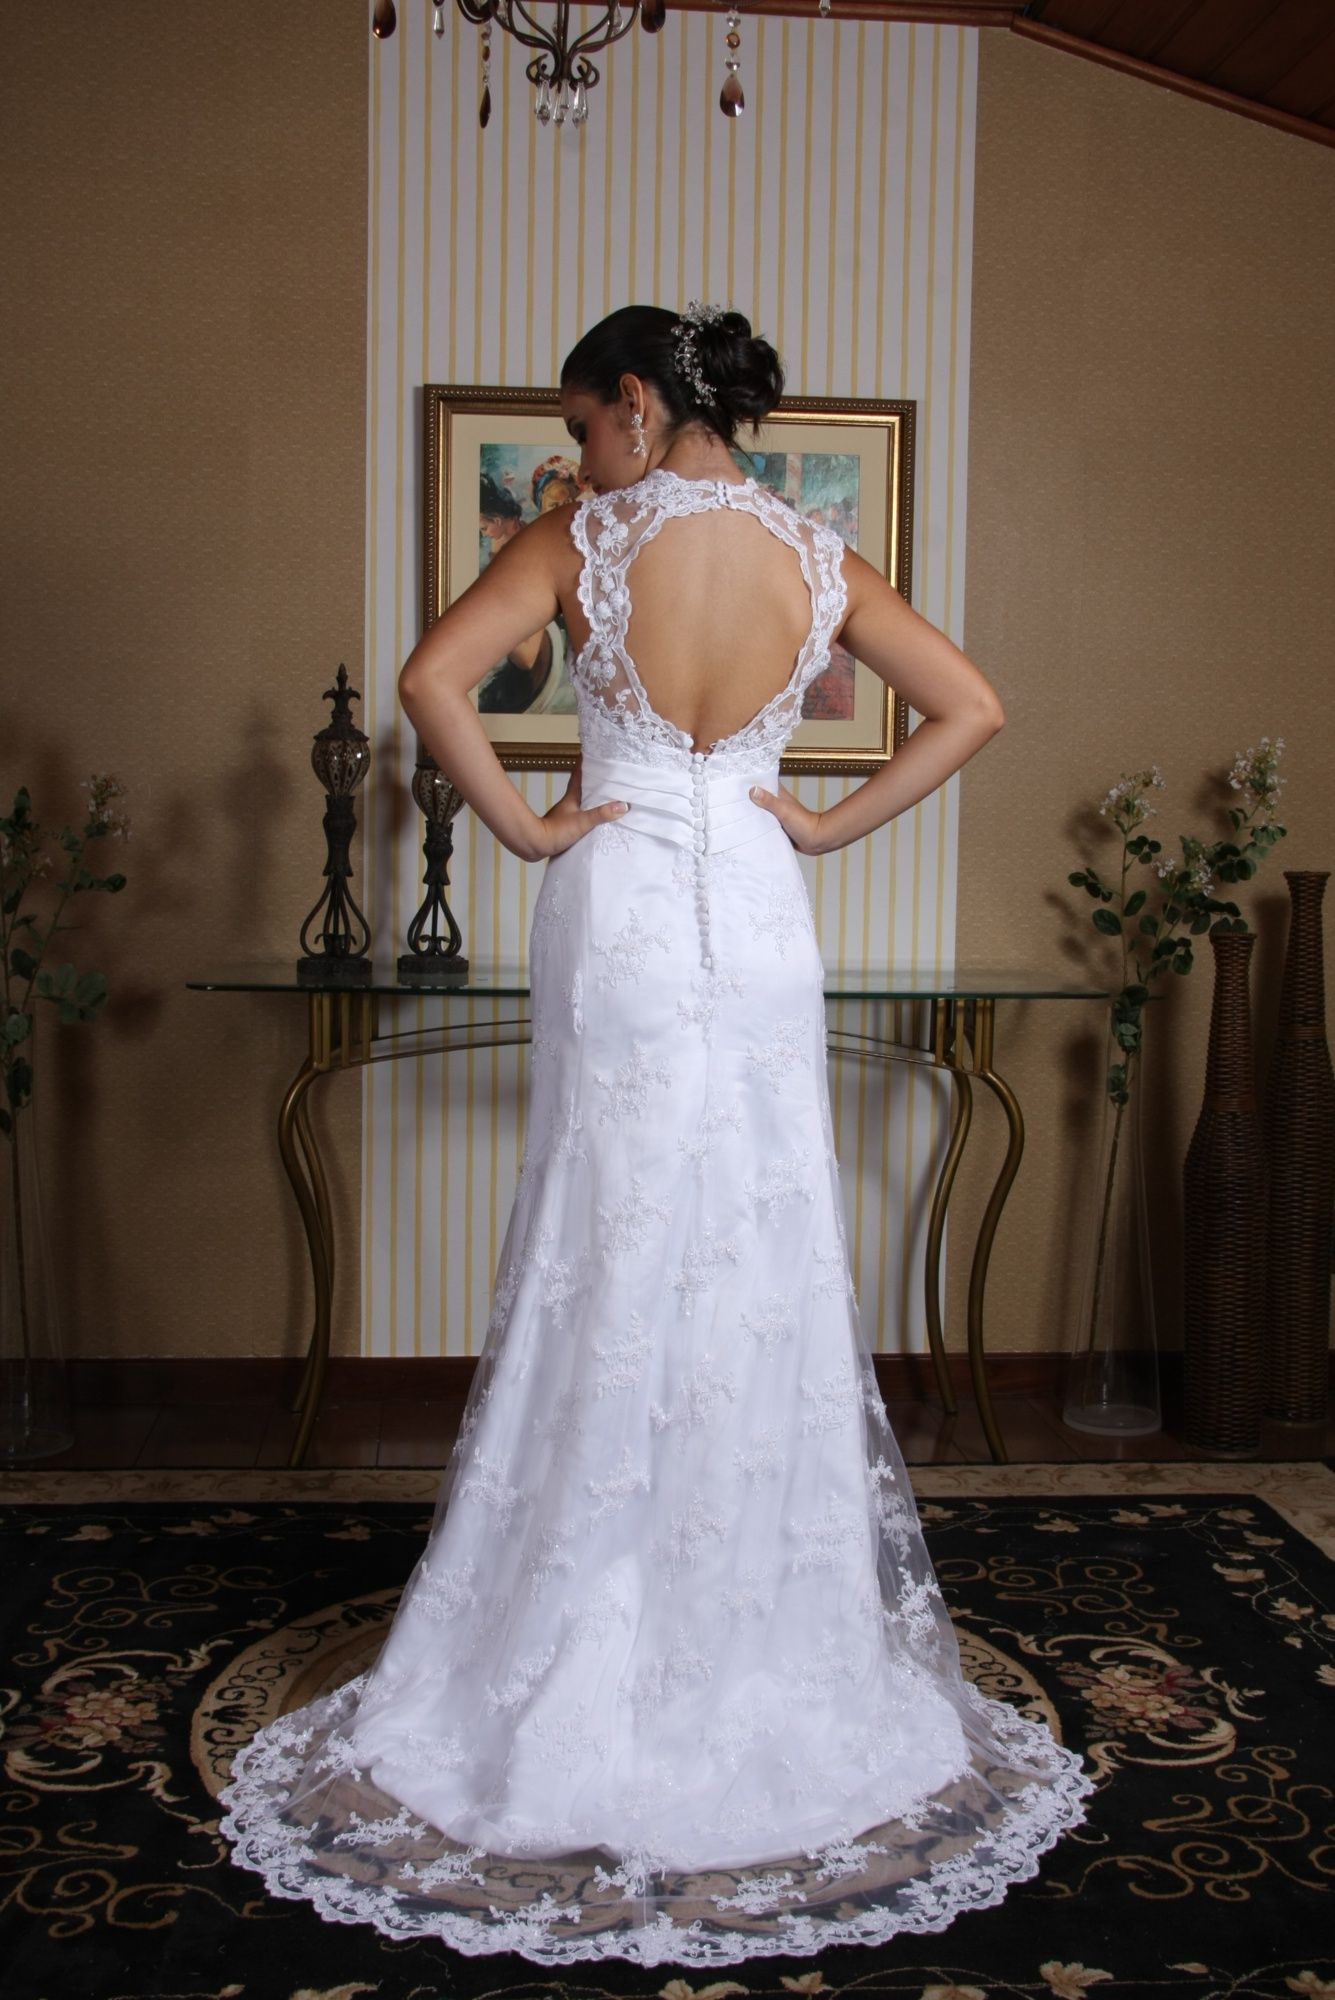 Vestido de Noiva Semi Sereia - 17 - Hipnose Alta Costura e Spa para Noivas e Noivos - Campinas - SP Vestido de Noiva, Vestido de Noiva Semi Sereia, Hipnose Alta Costura